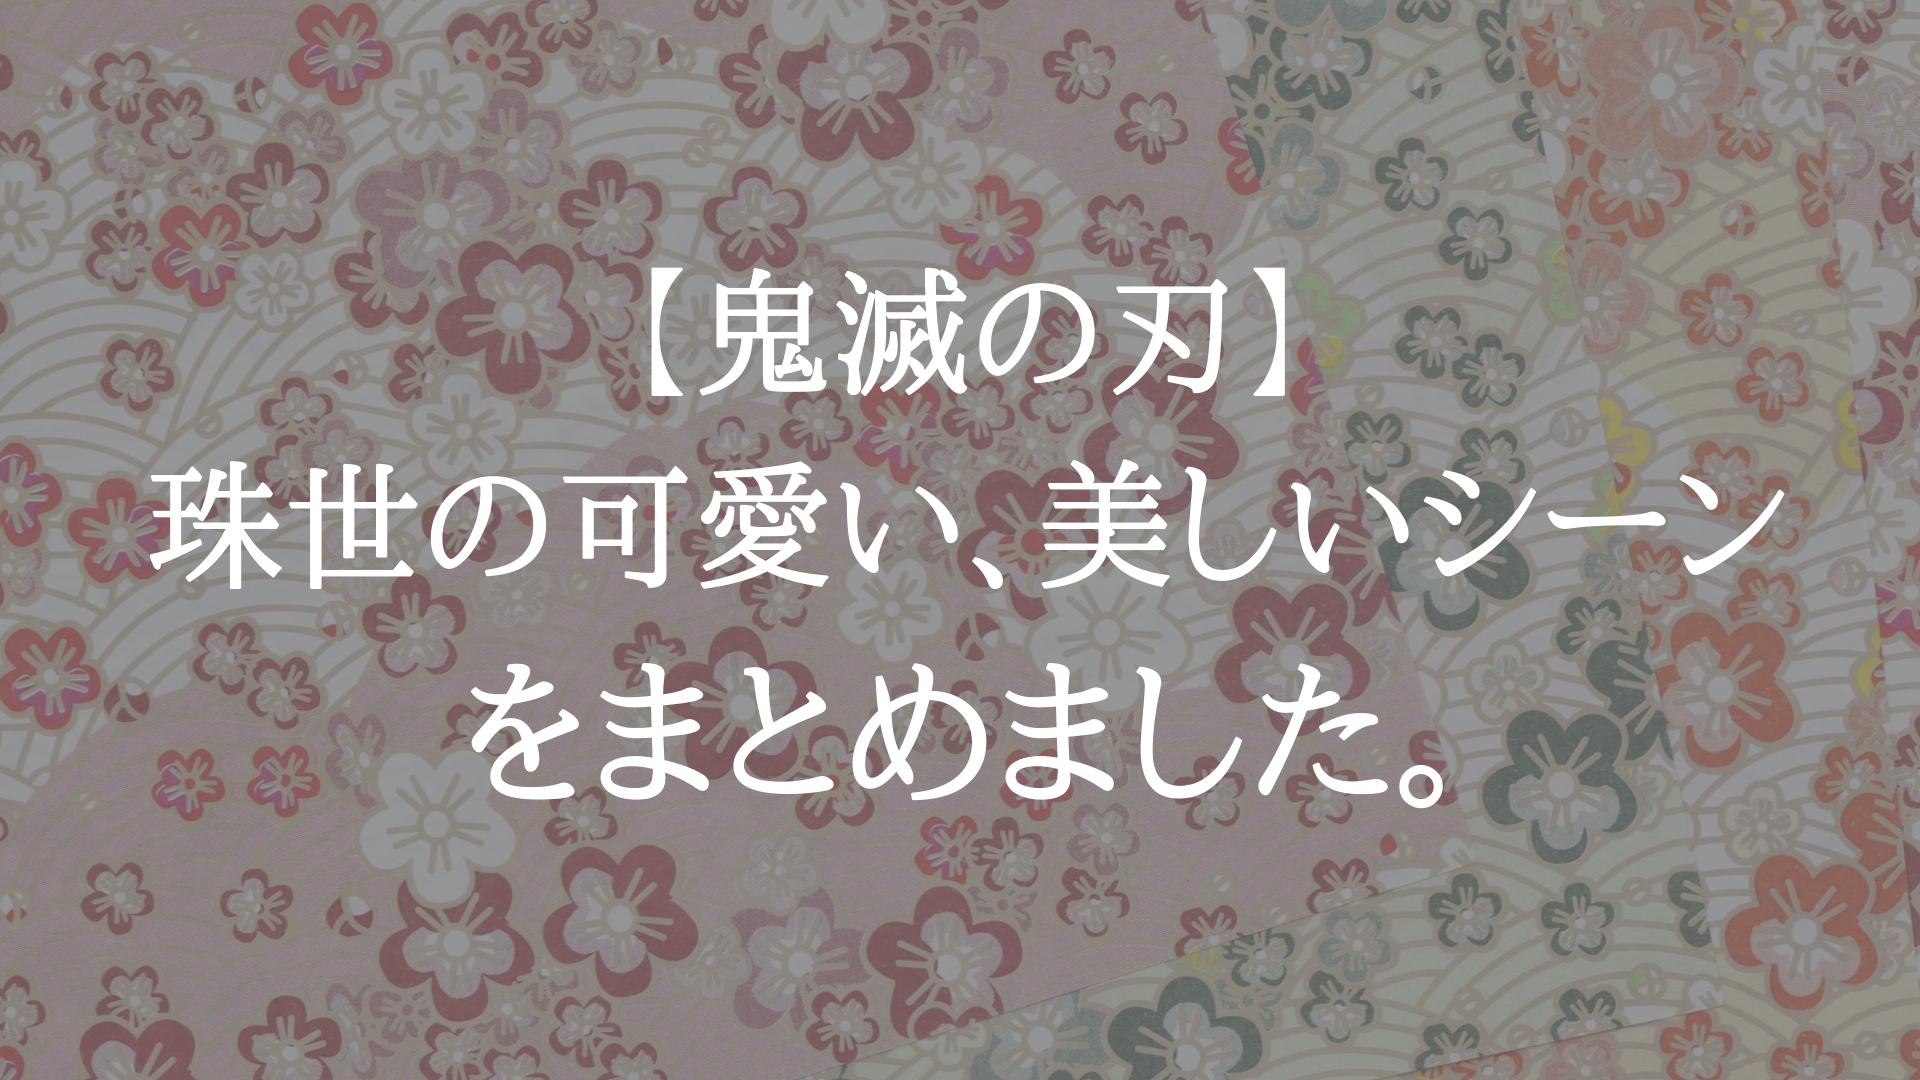 【鬼滅の刃】-珠世の可愛い、美しいシーンをまとめました。アイキャッチ画像